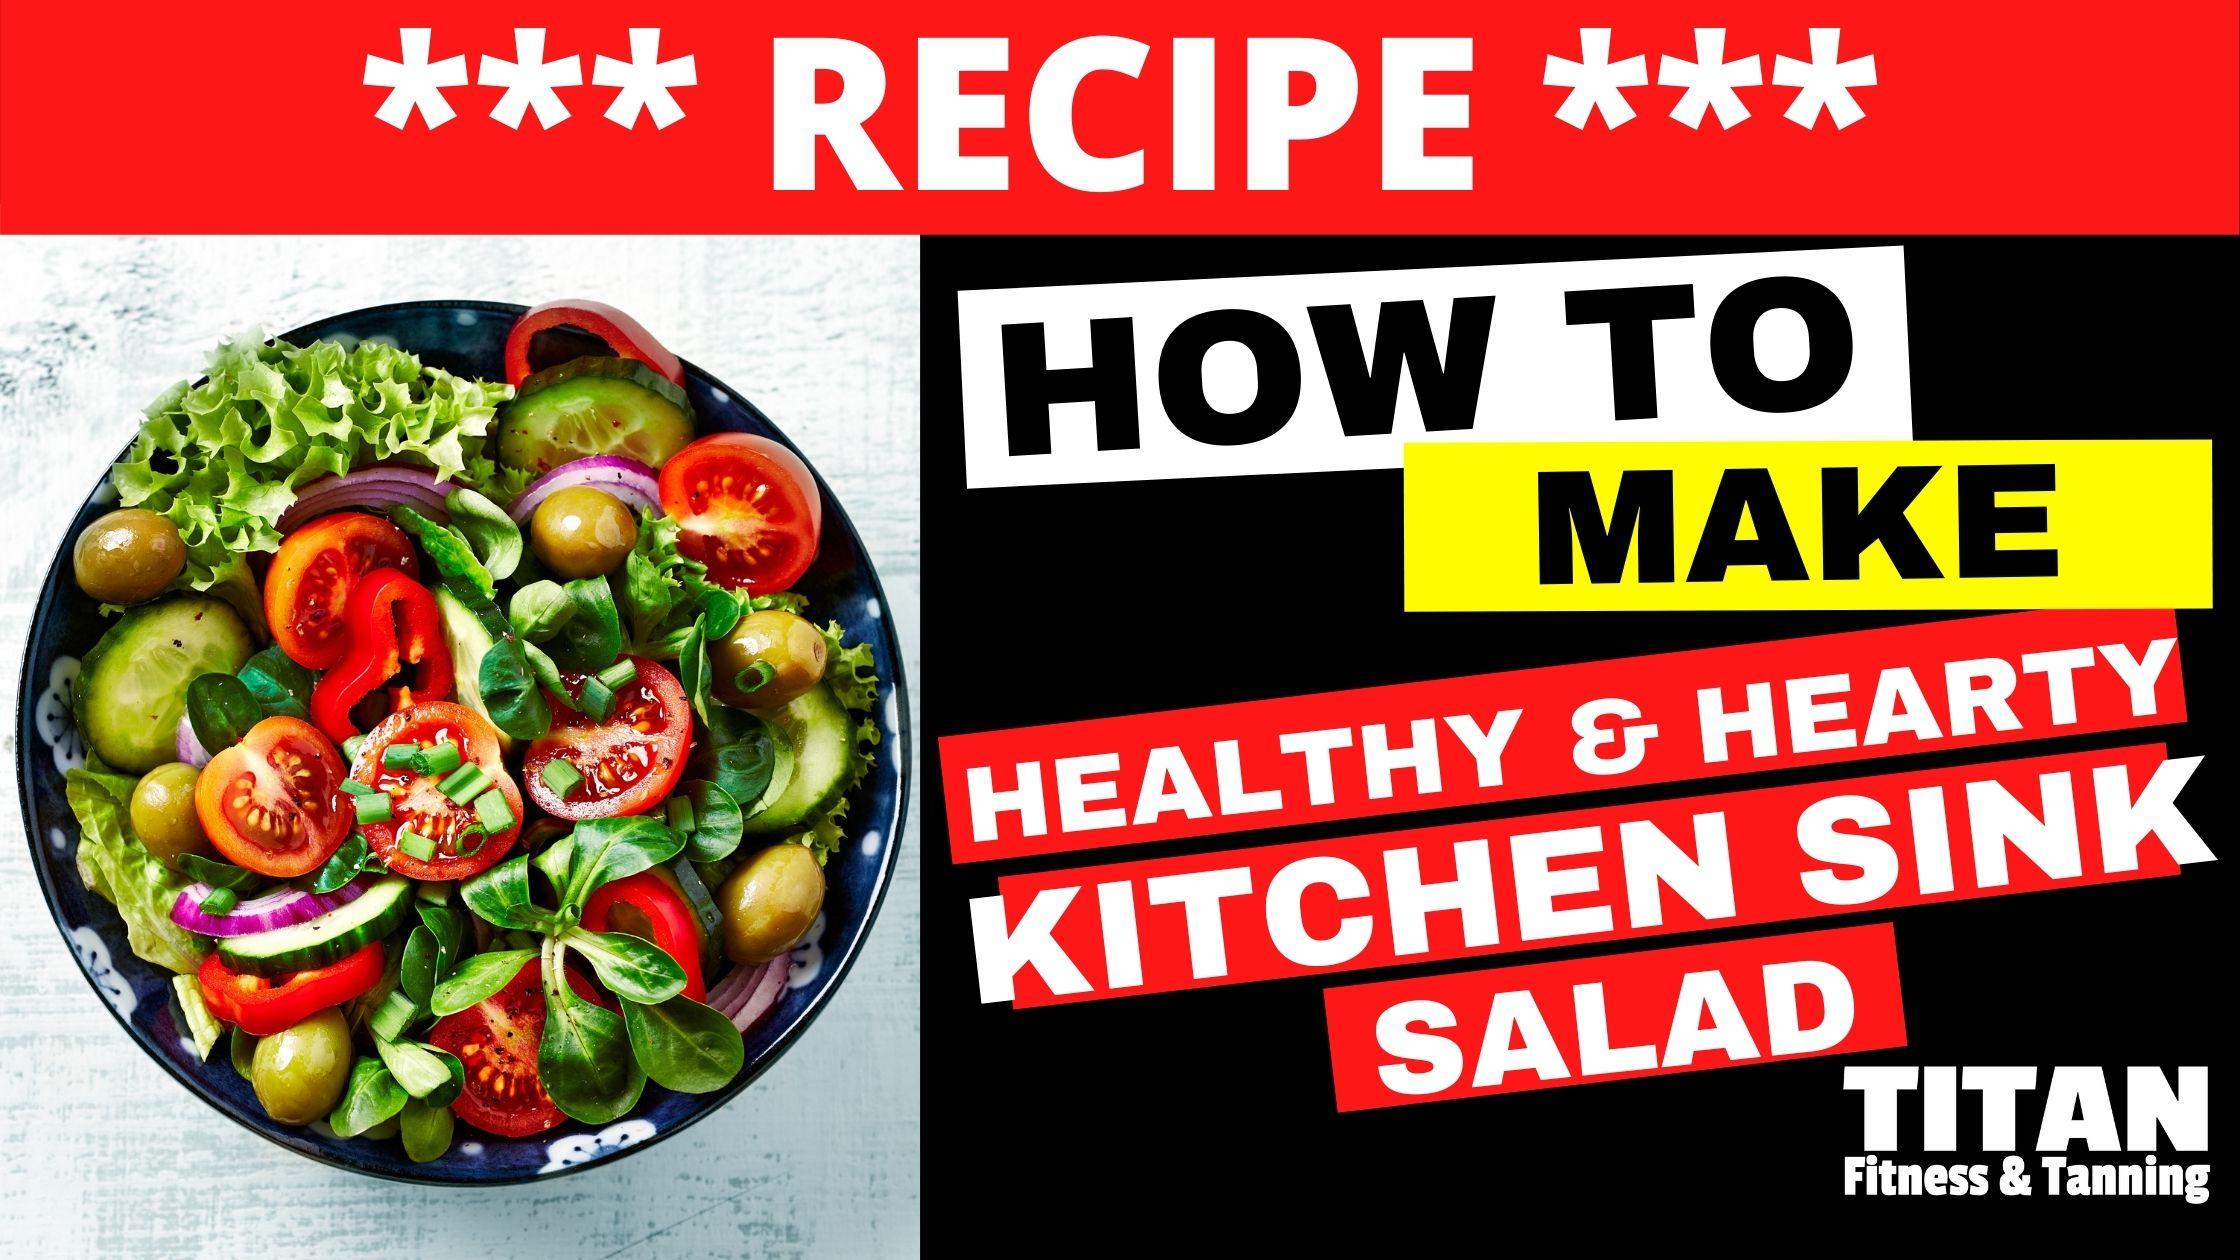 RECIPE: Kitchen Sink Salad